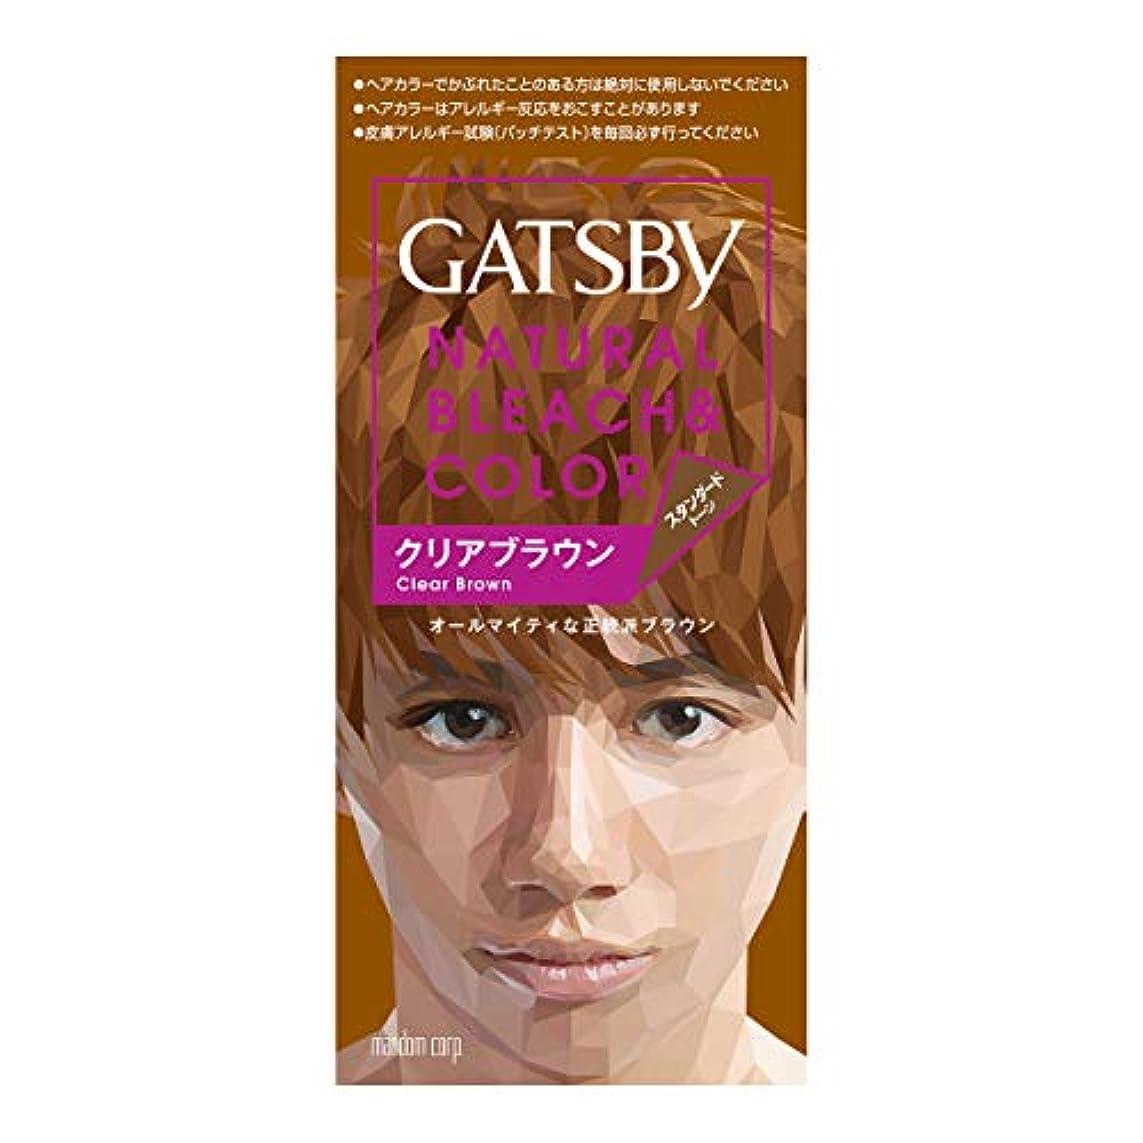 ギャツビー ナチュラルブリーチカラー クリアブラウン【HTRC5.1】